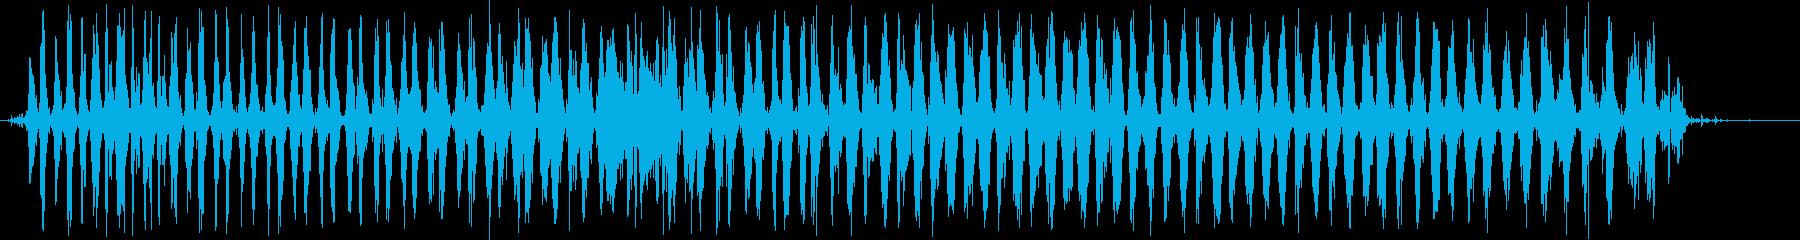 シェーカー:2つのシェーカーファー...の再生済みの波形